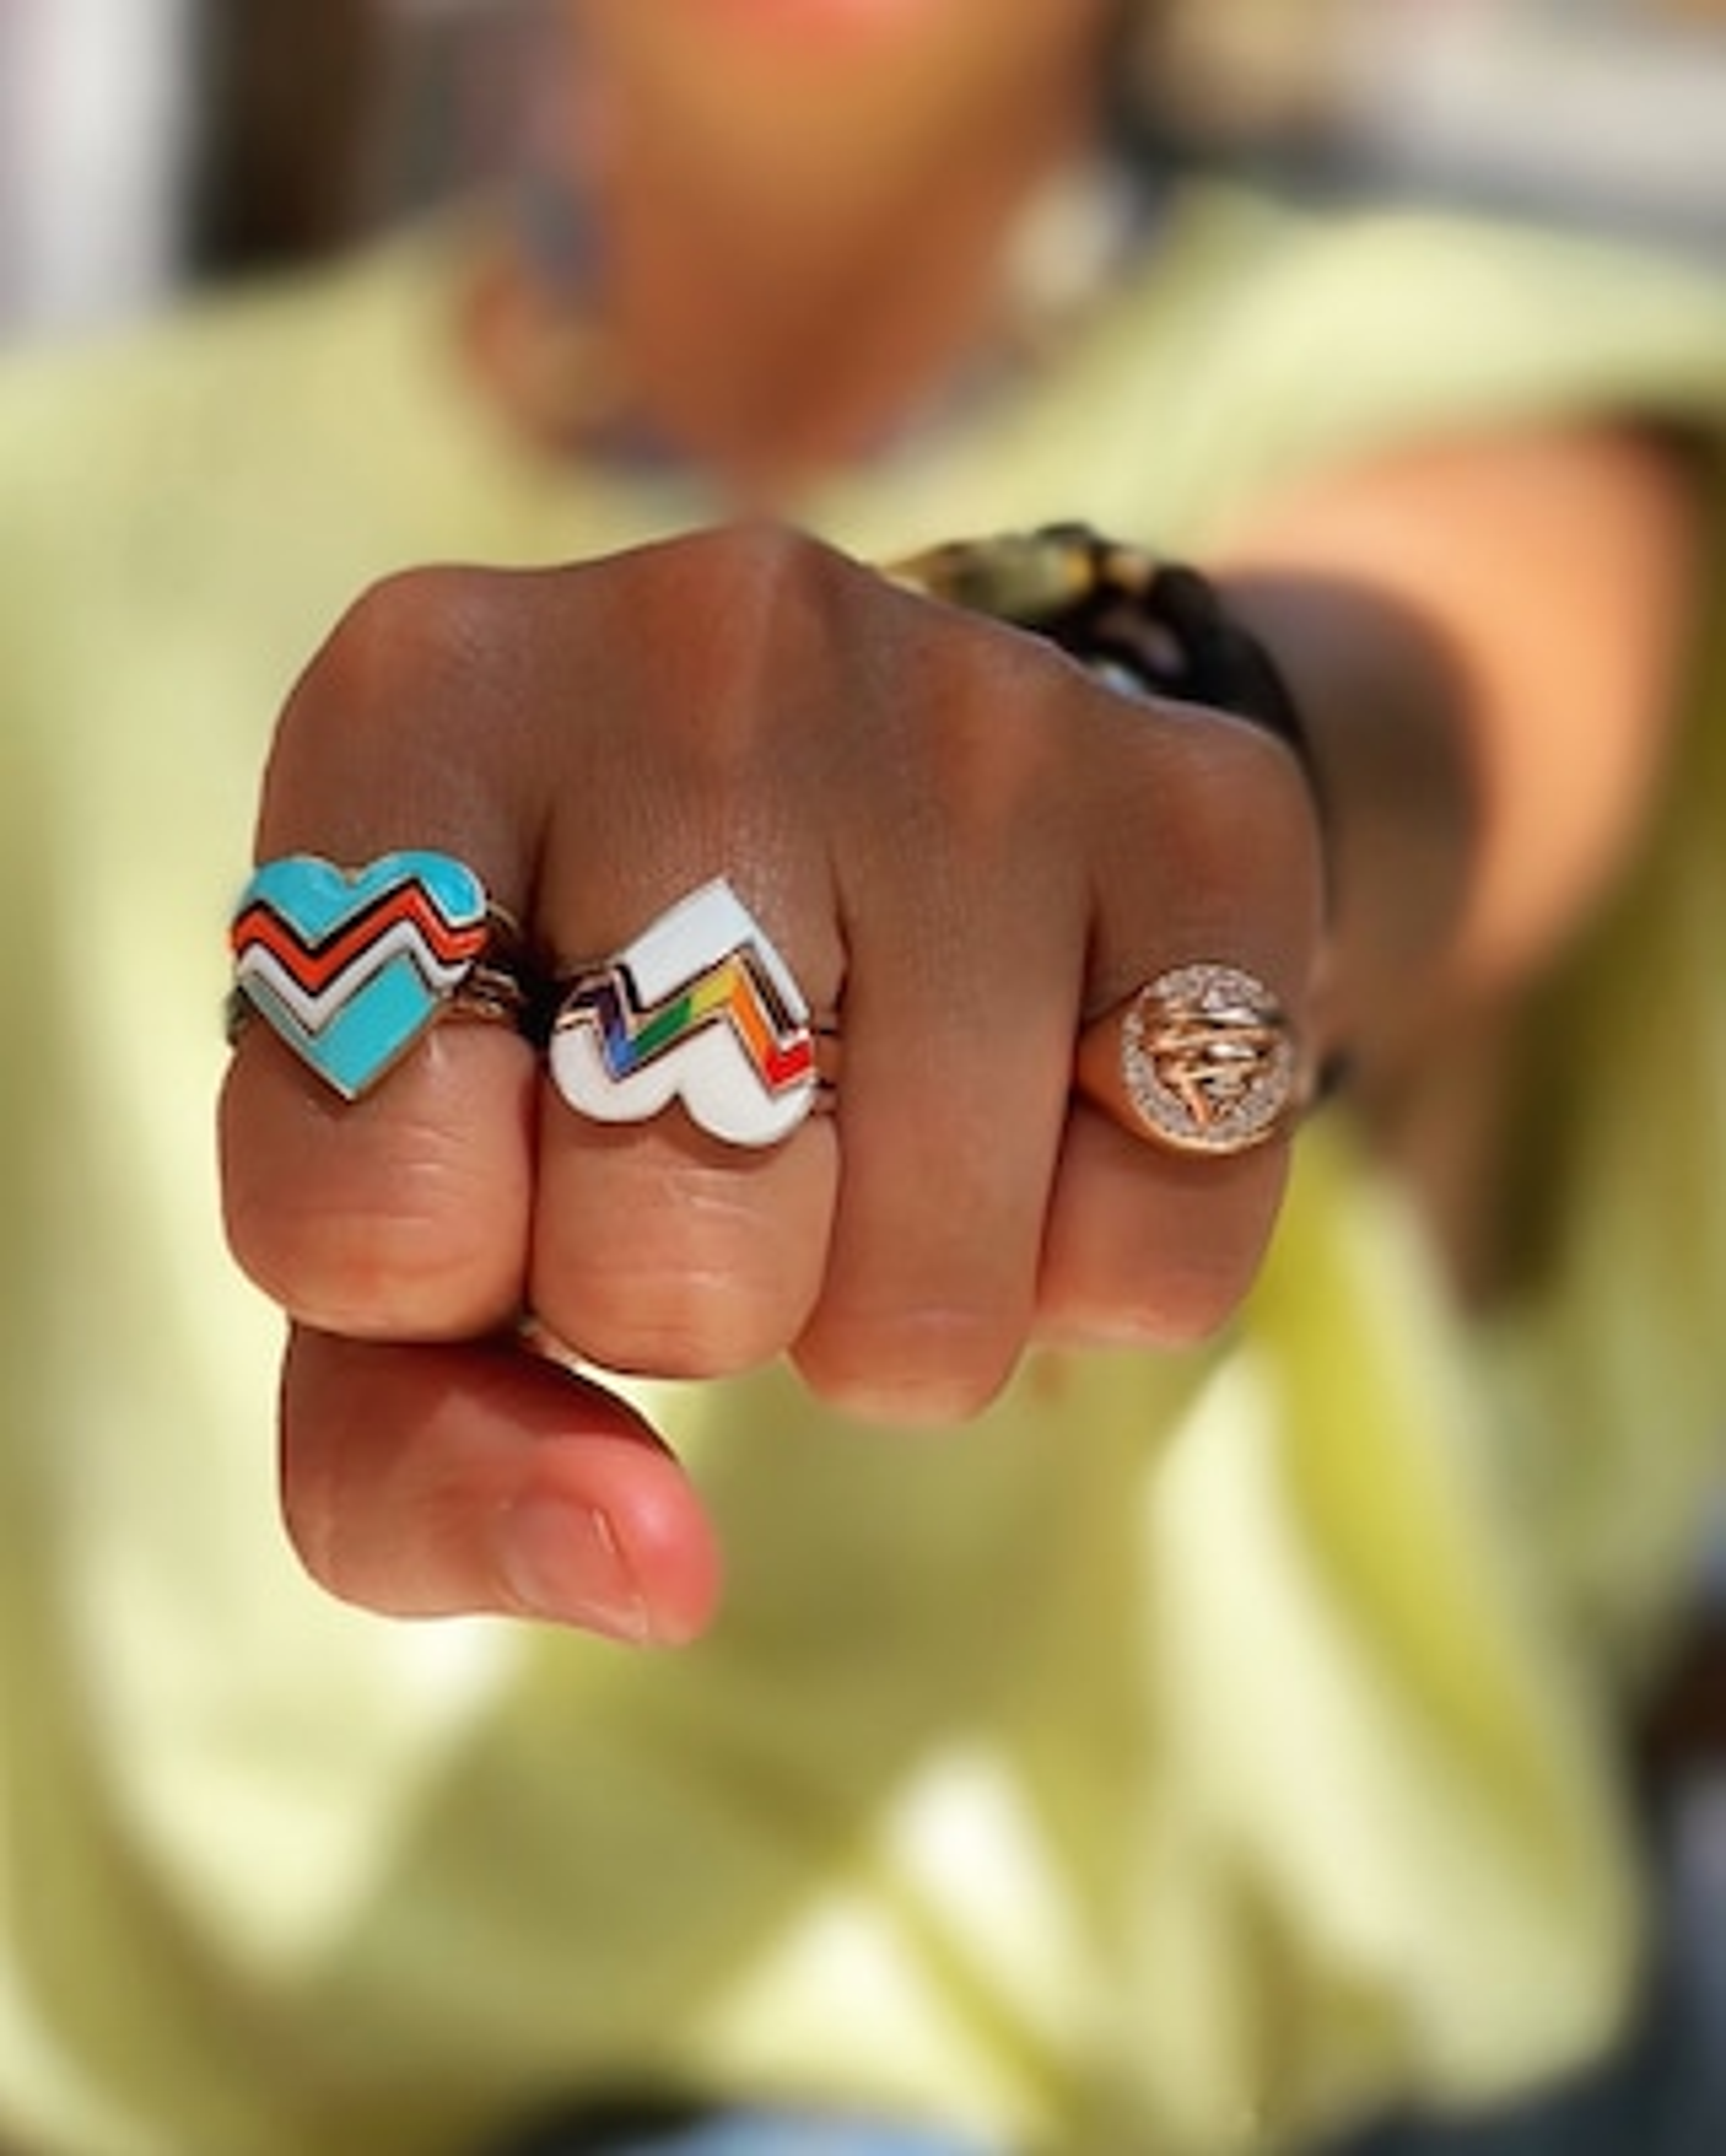 kWIT Heart Throb Ring 2